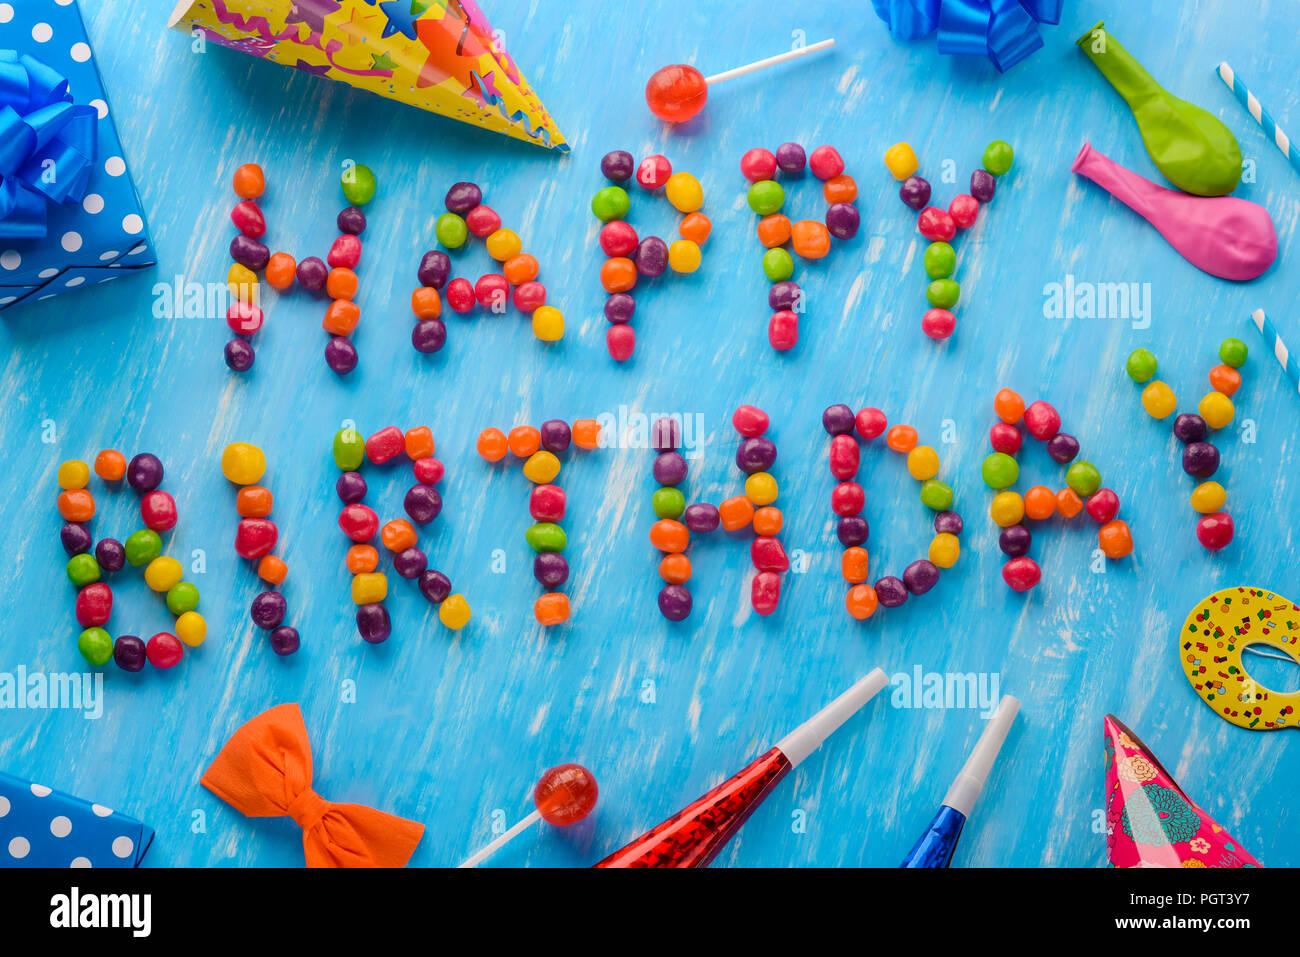 Feliz cumpleaños a firmar, creatividad Imagen De Stock